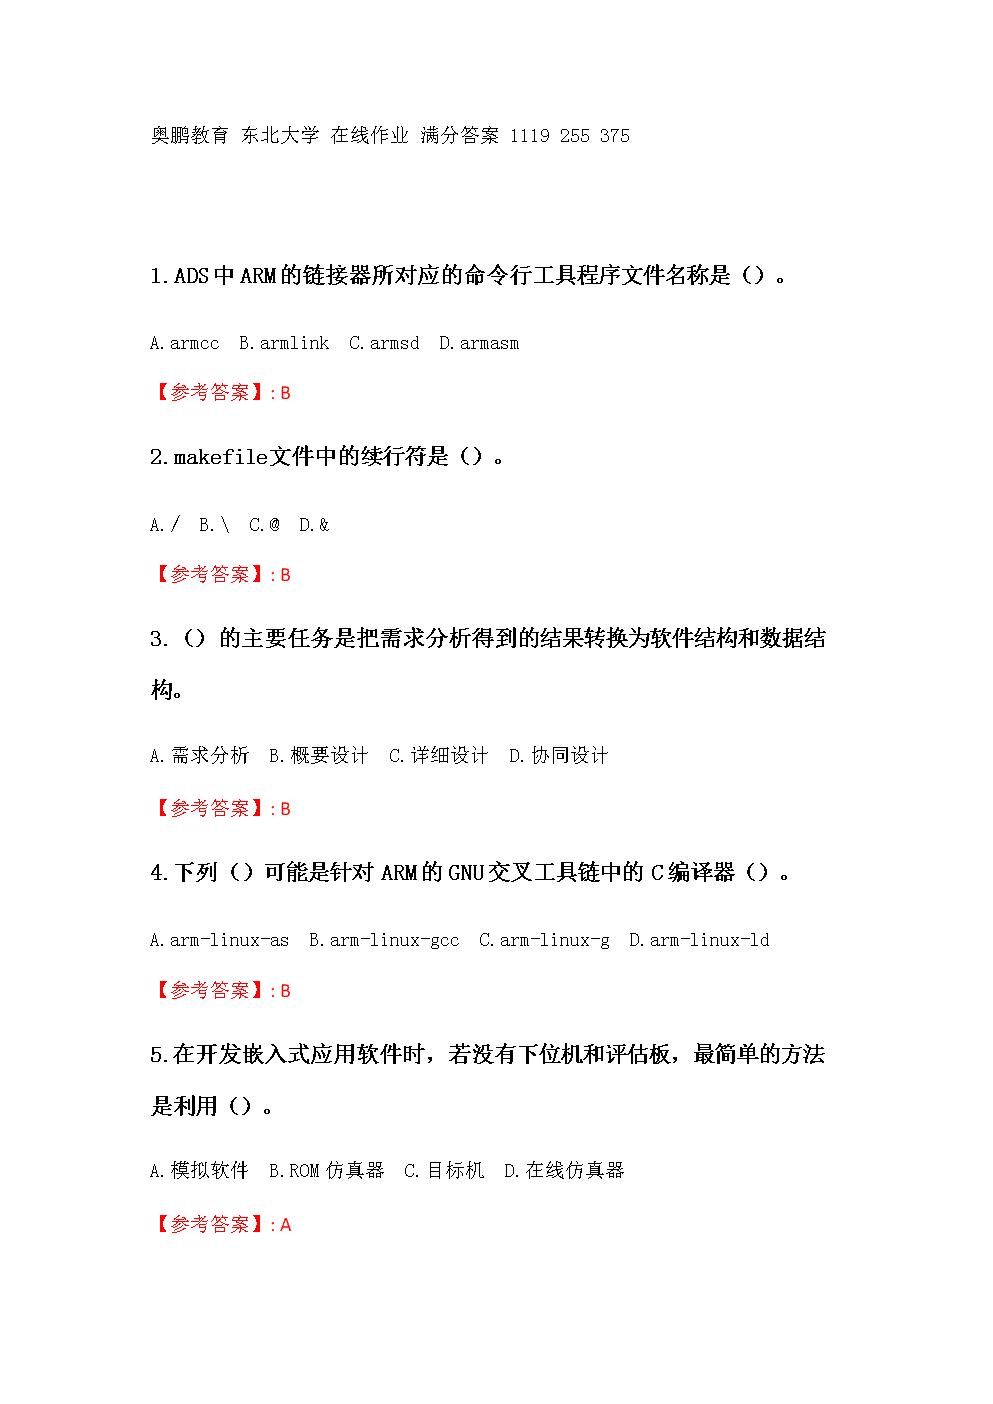 奥鹏 东北师范大学 嵌入式系统20秋在线作业2_3.doc